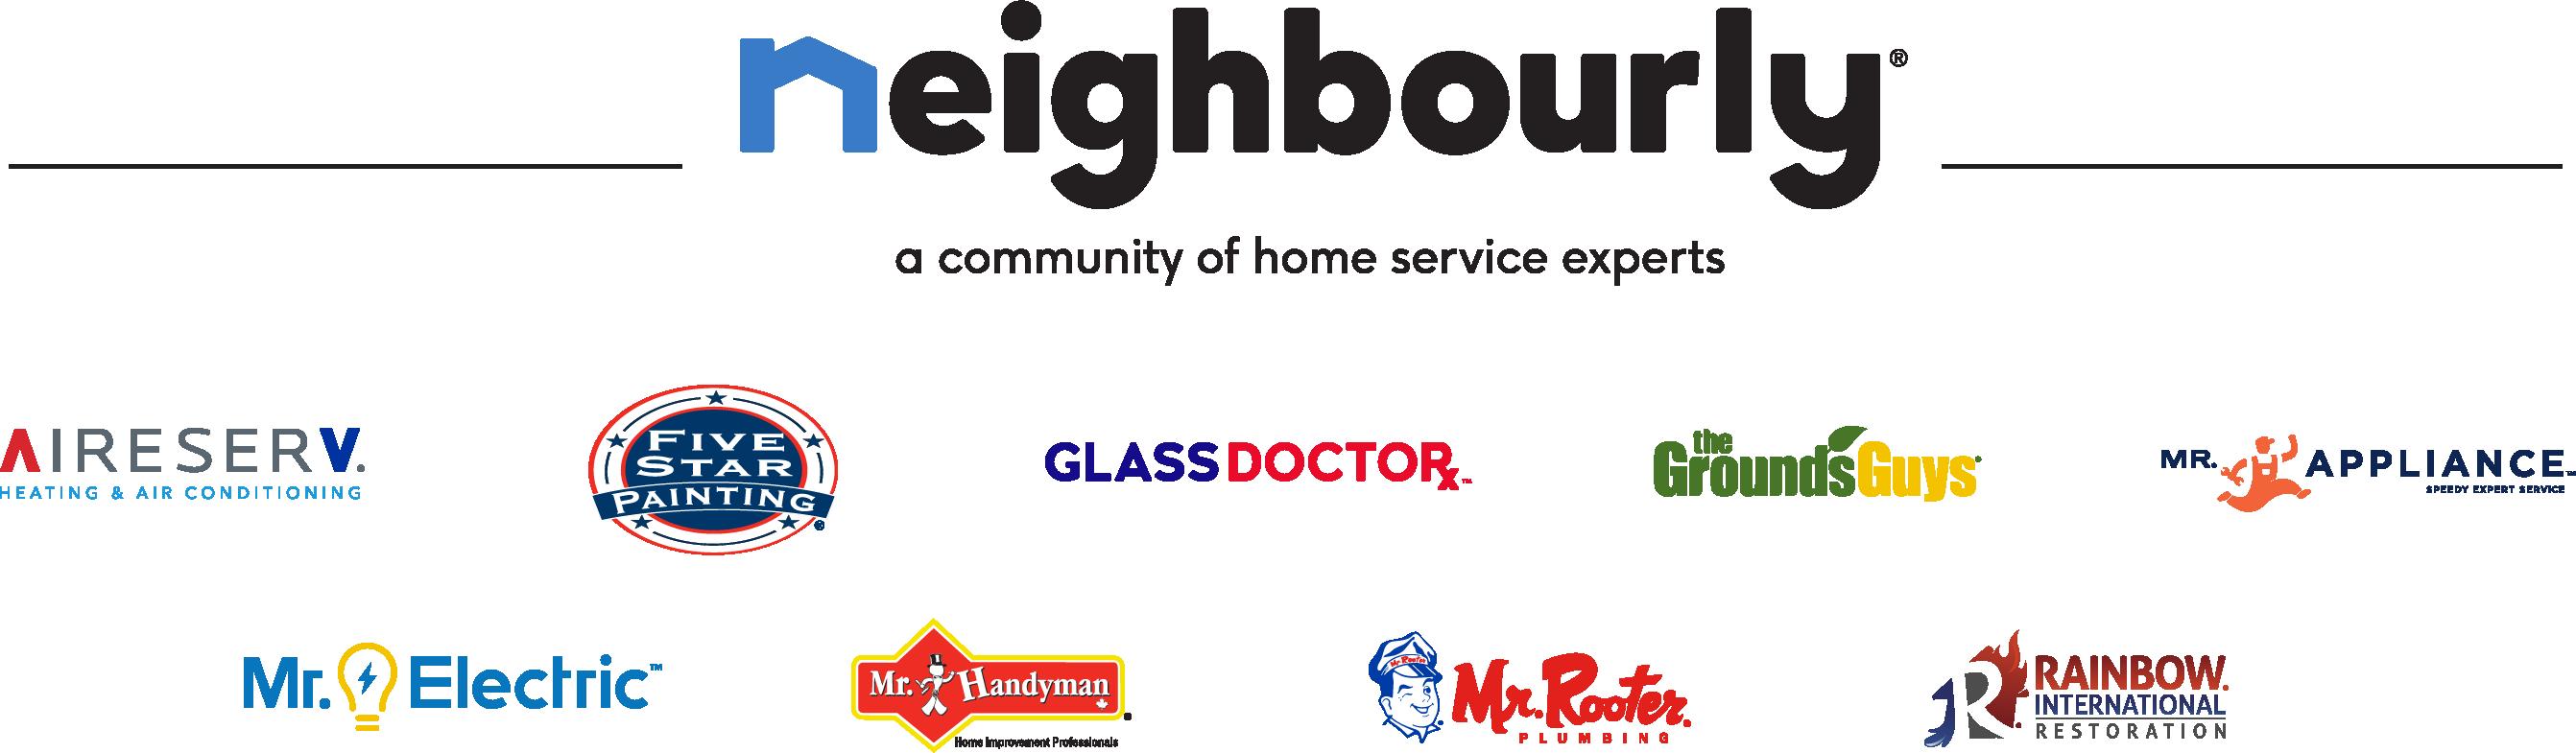 Neighbourly™ Brand Logos